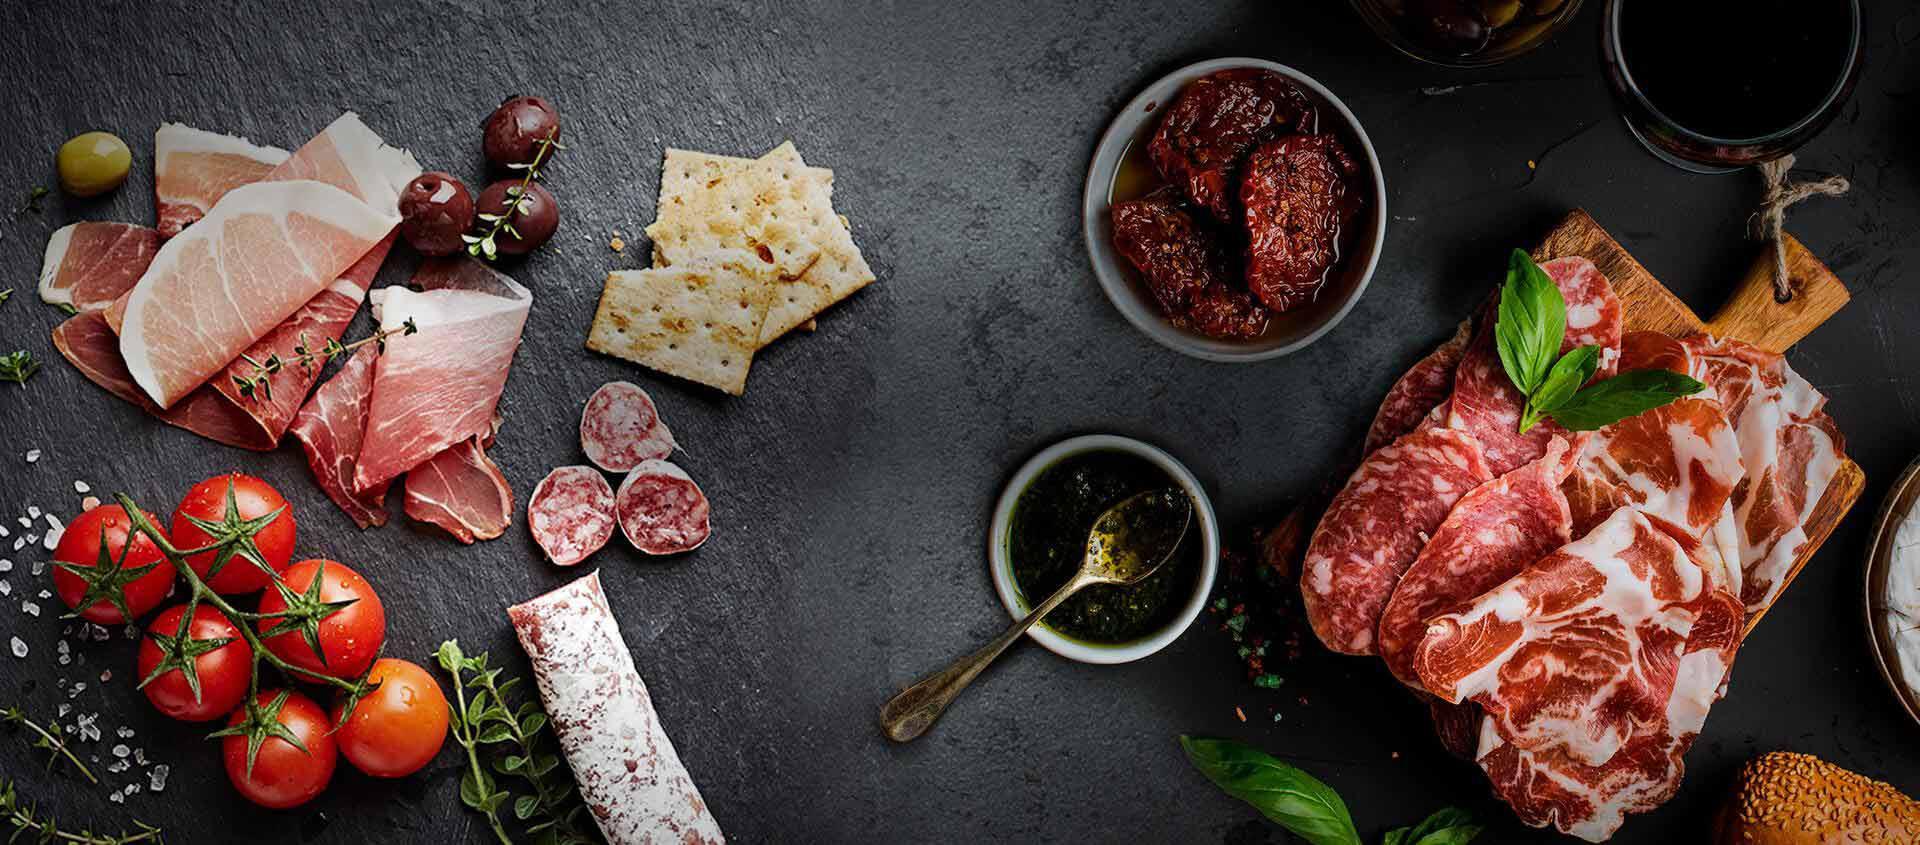 Maison Loste : artisan charcutier fabricant de saucisson et jambon sec